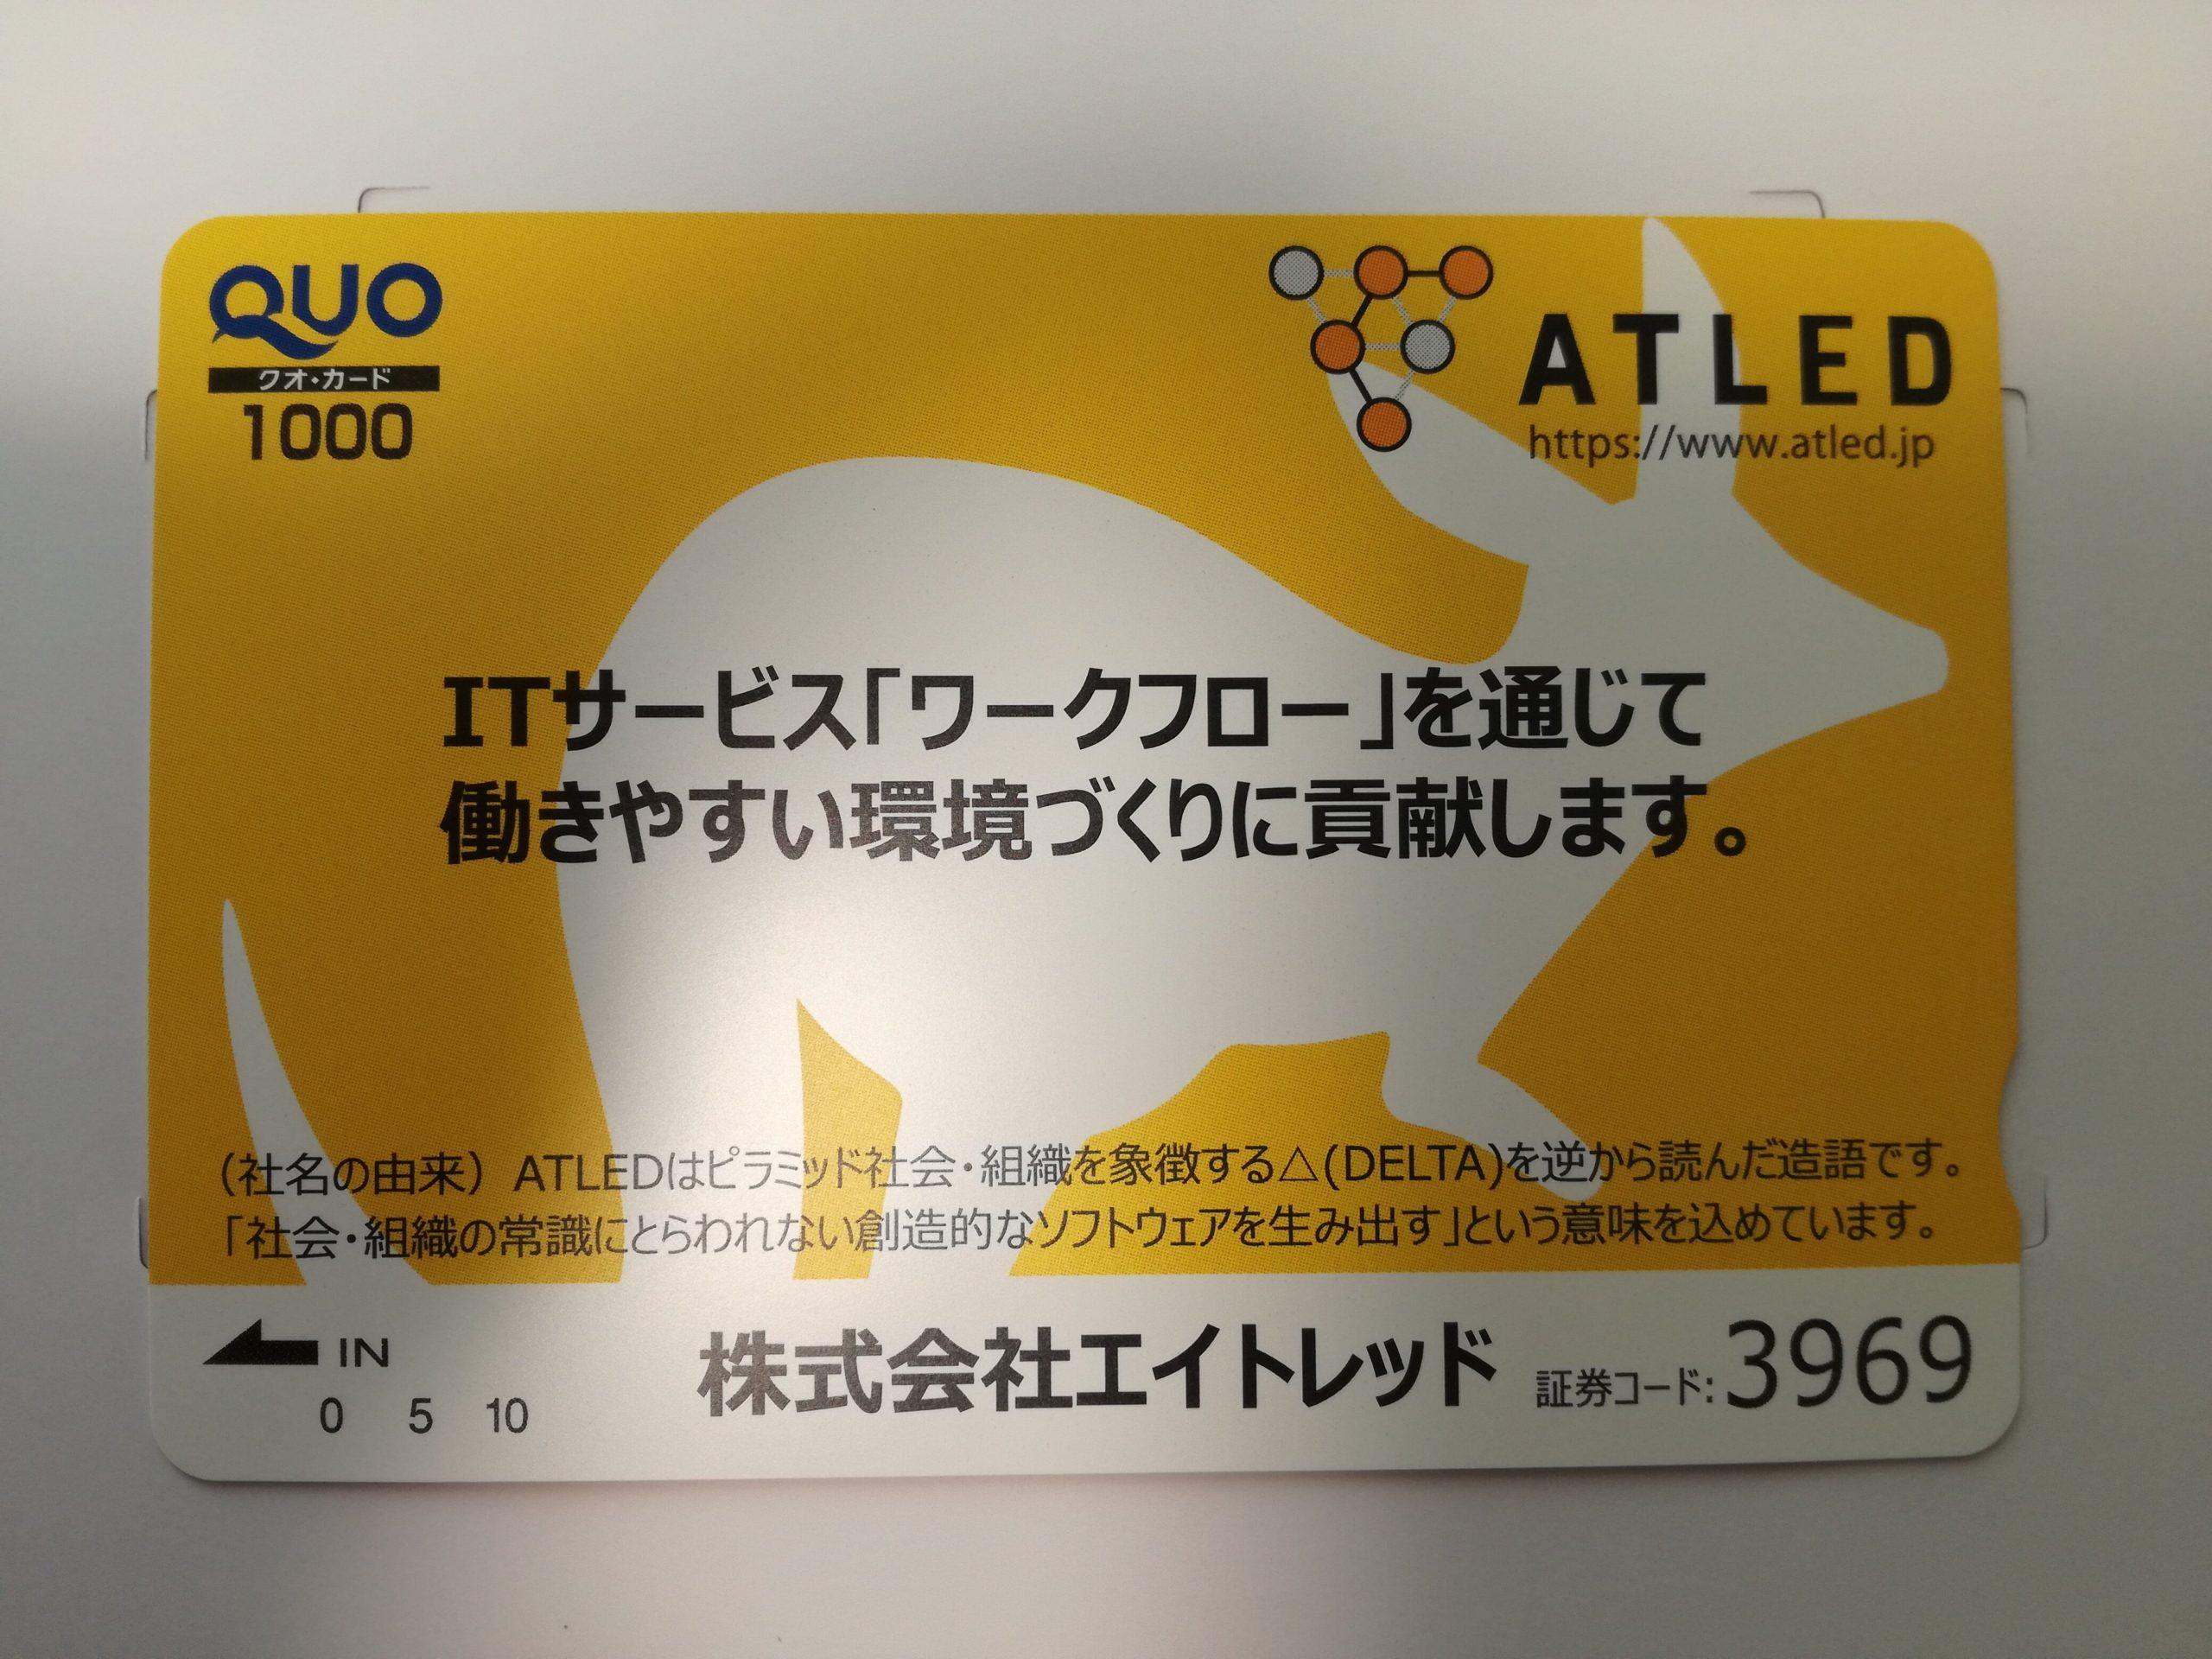 利確し損ねたエイトレッド(3969)から年2回もらえる株主優待クオカード1,000円分が到着!